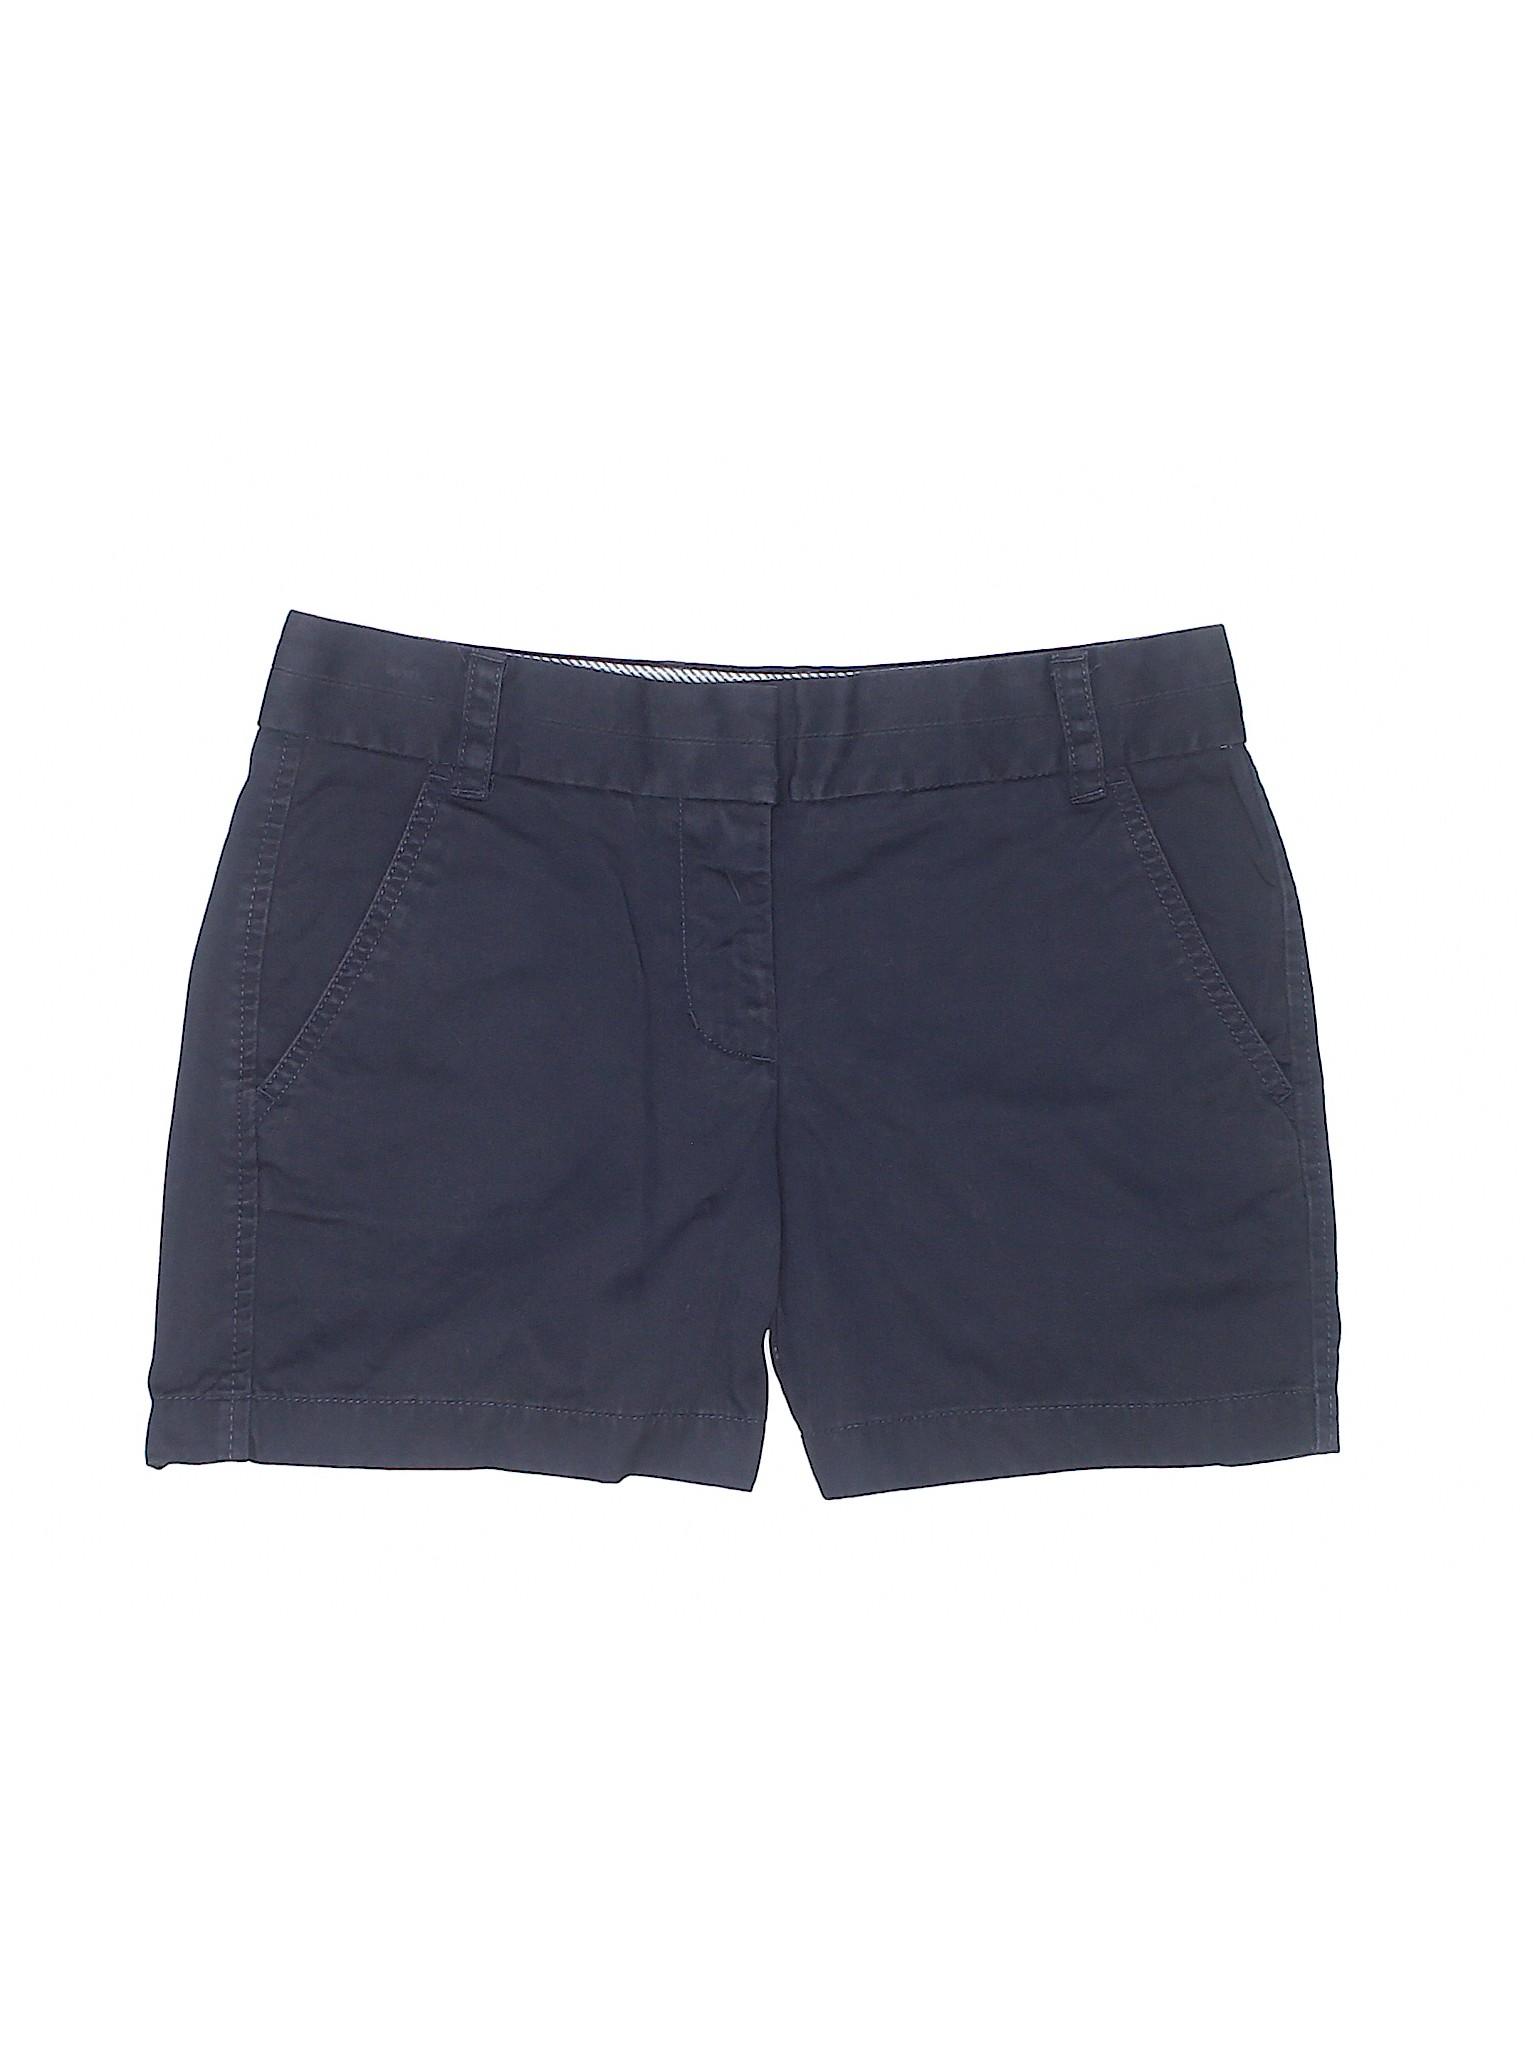 Shorts Boutique Boutique Crew Khaki J J X76wxY